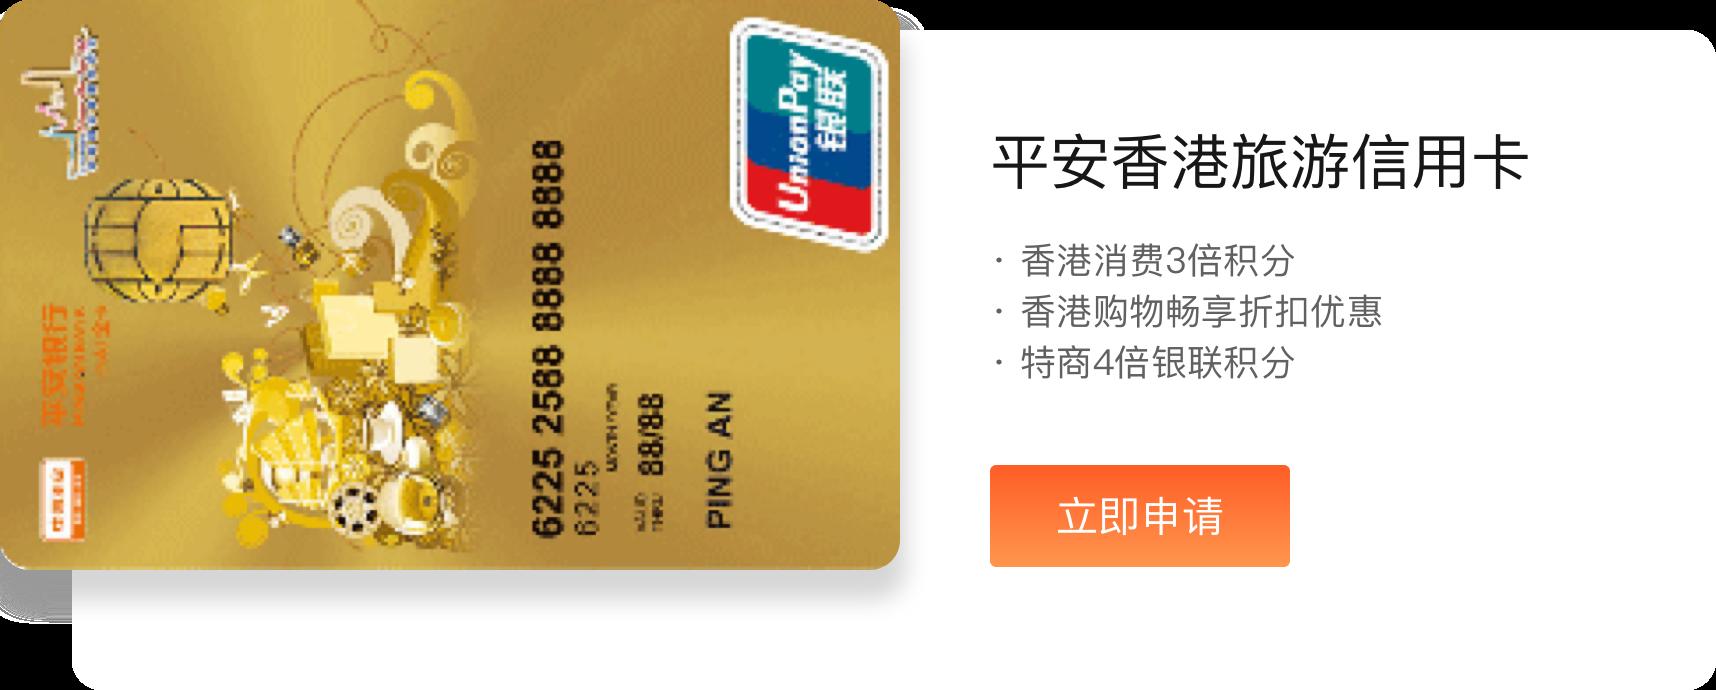 平安香港旅游信用卡